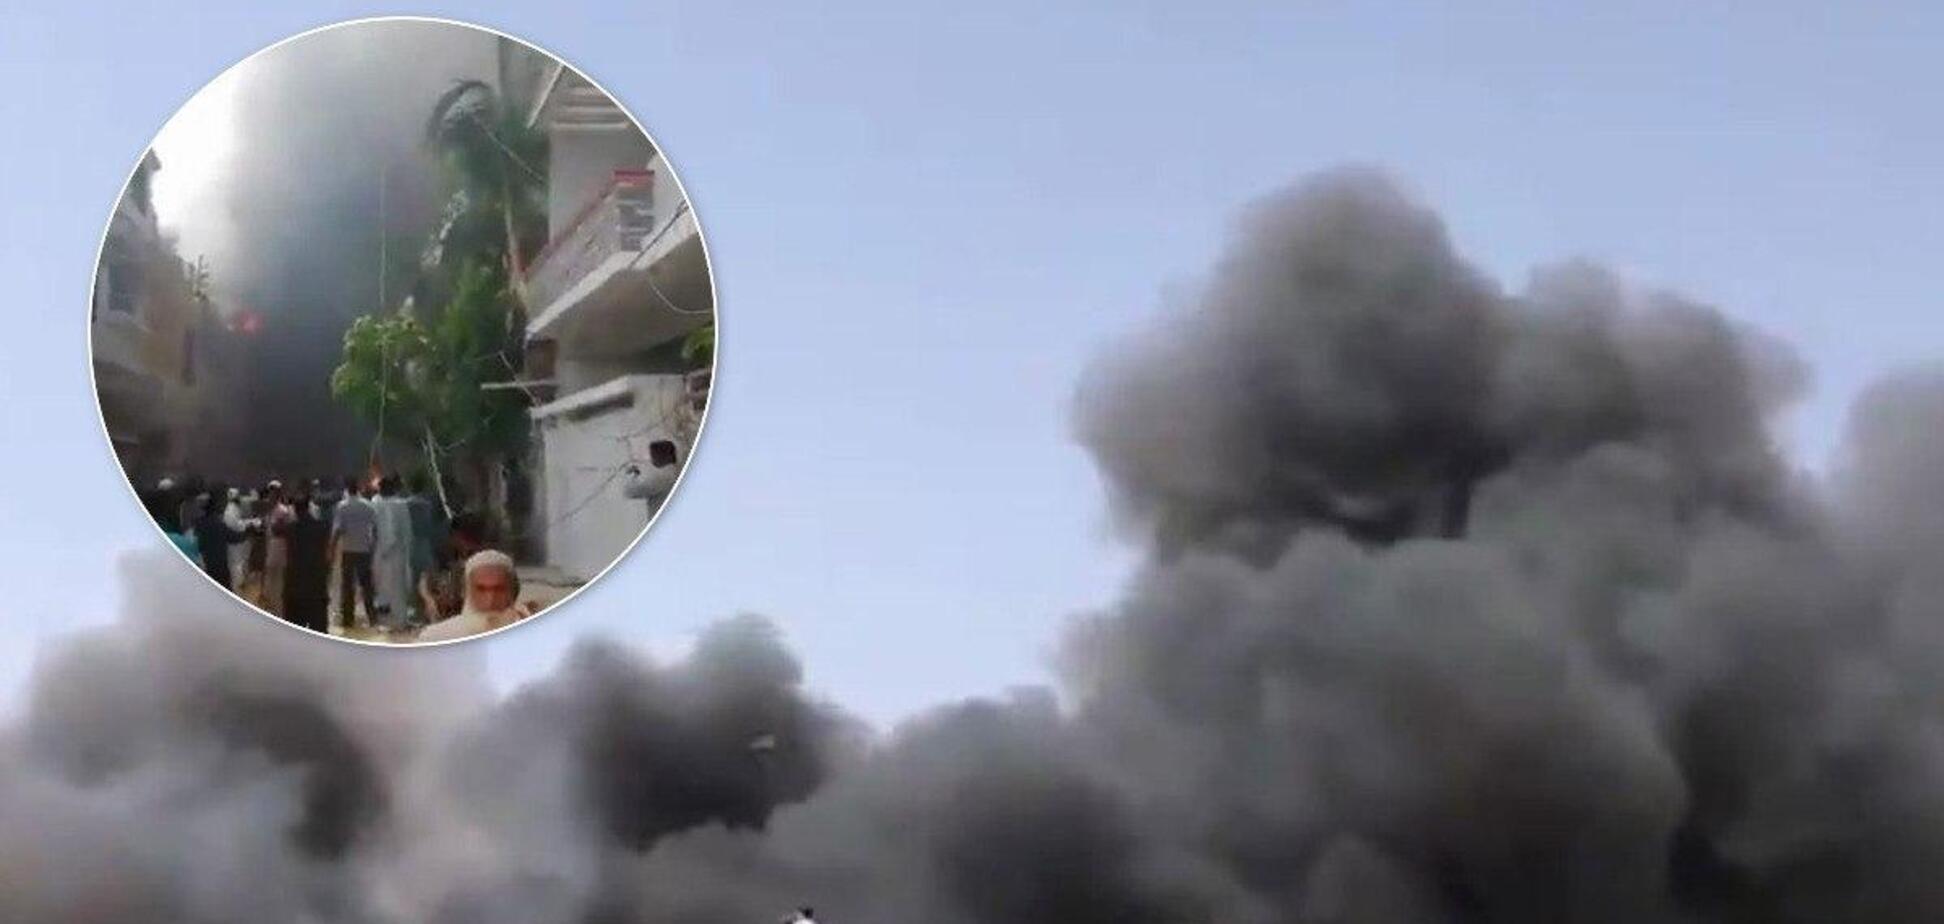 Выжили всего 2: в Пакистане обнародовали списки жертв катастрофы Airbus A320